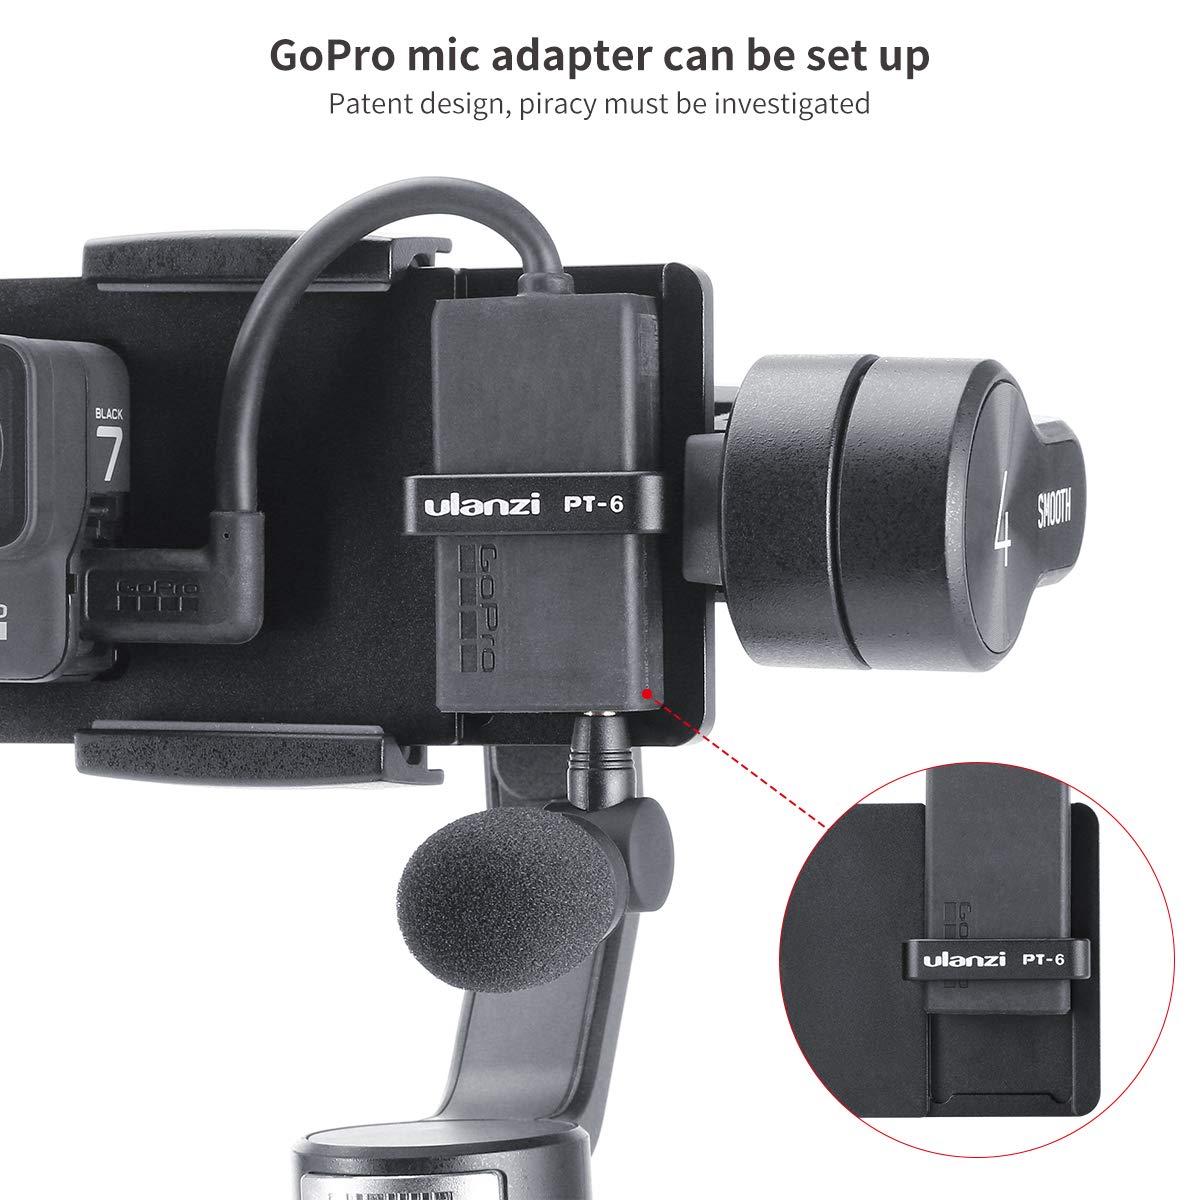 para OSMO Mobile Zhiyun Smooth 4 MOZA MINI-S Feiyu Placa adaptador de c/ámara de acci/ón para GoPro Hero 7 6 5 con almacenamiento de micr/ófono